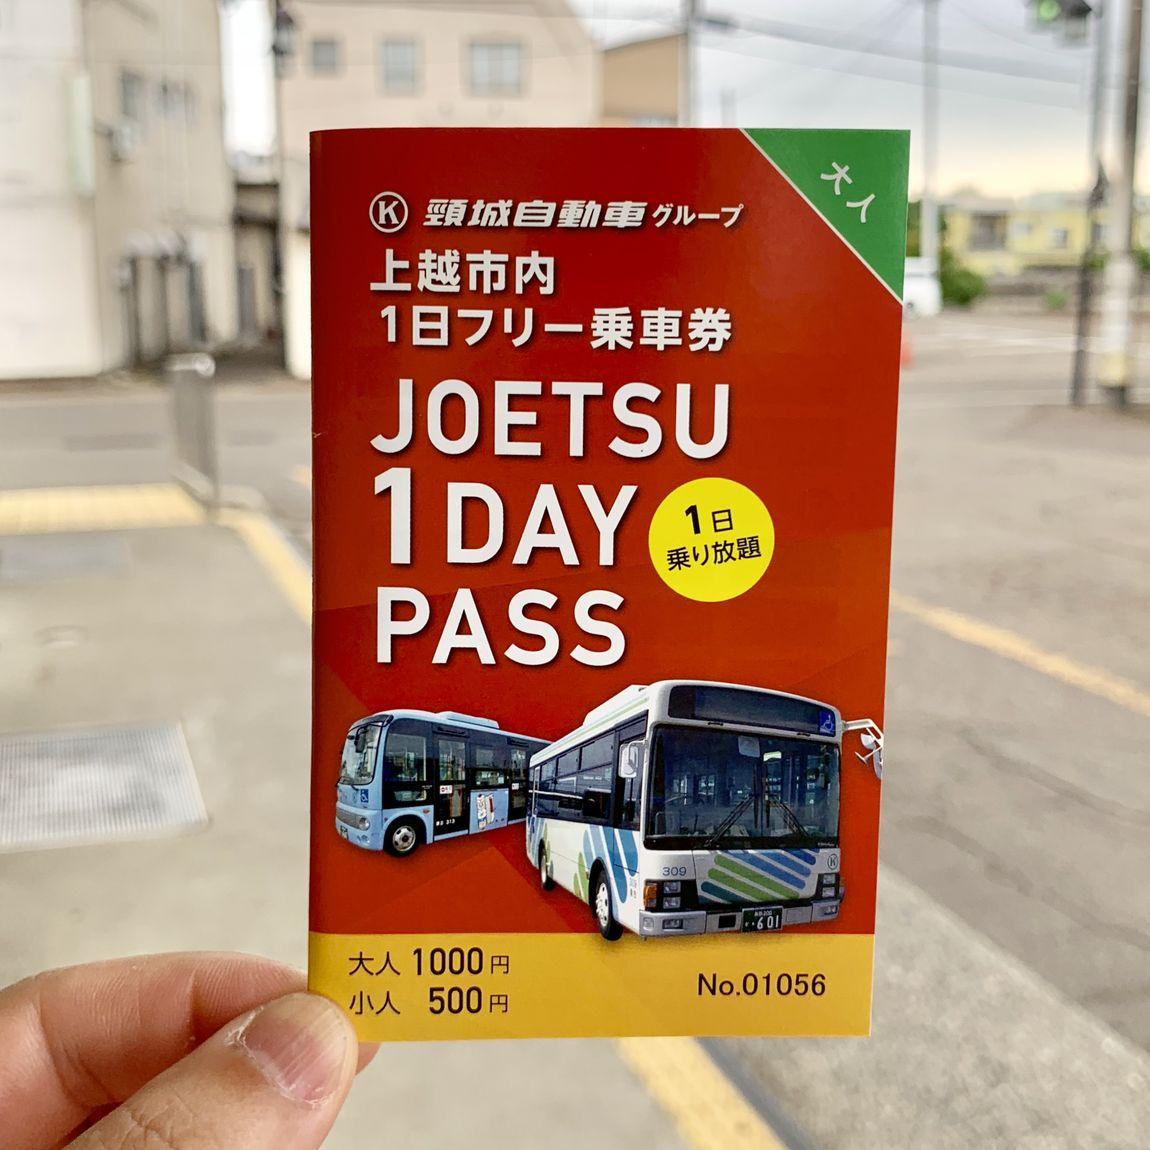 1日乗車券の表紙